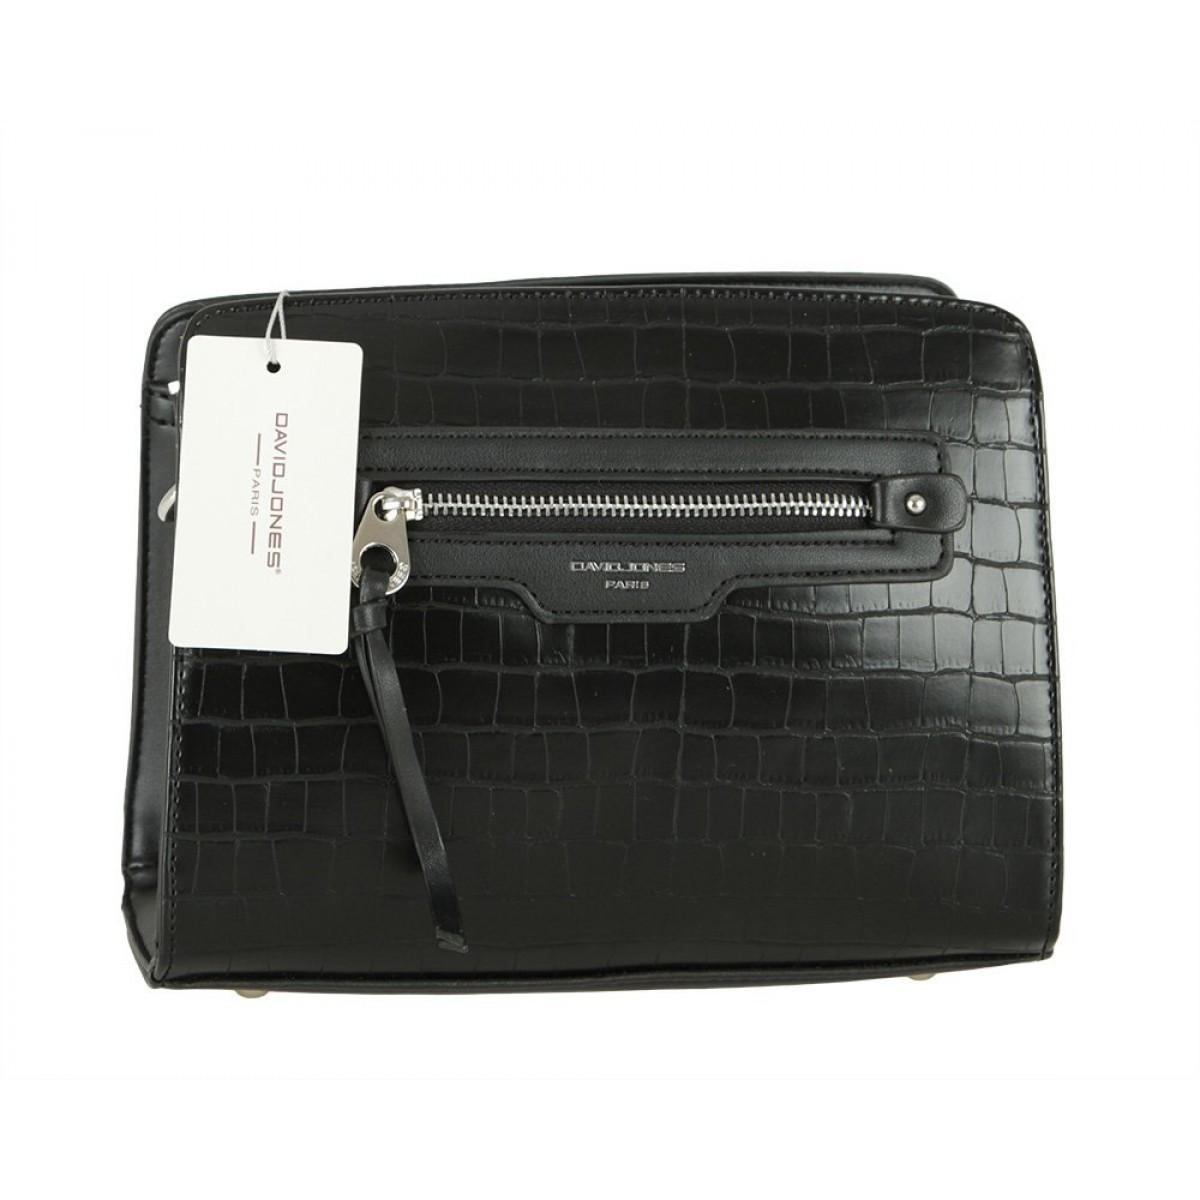 Жіноча сумка David Jones 6222-1 BLACK